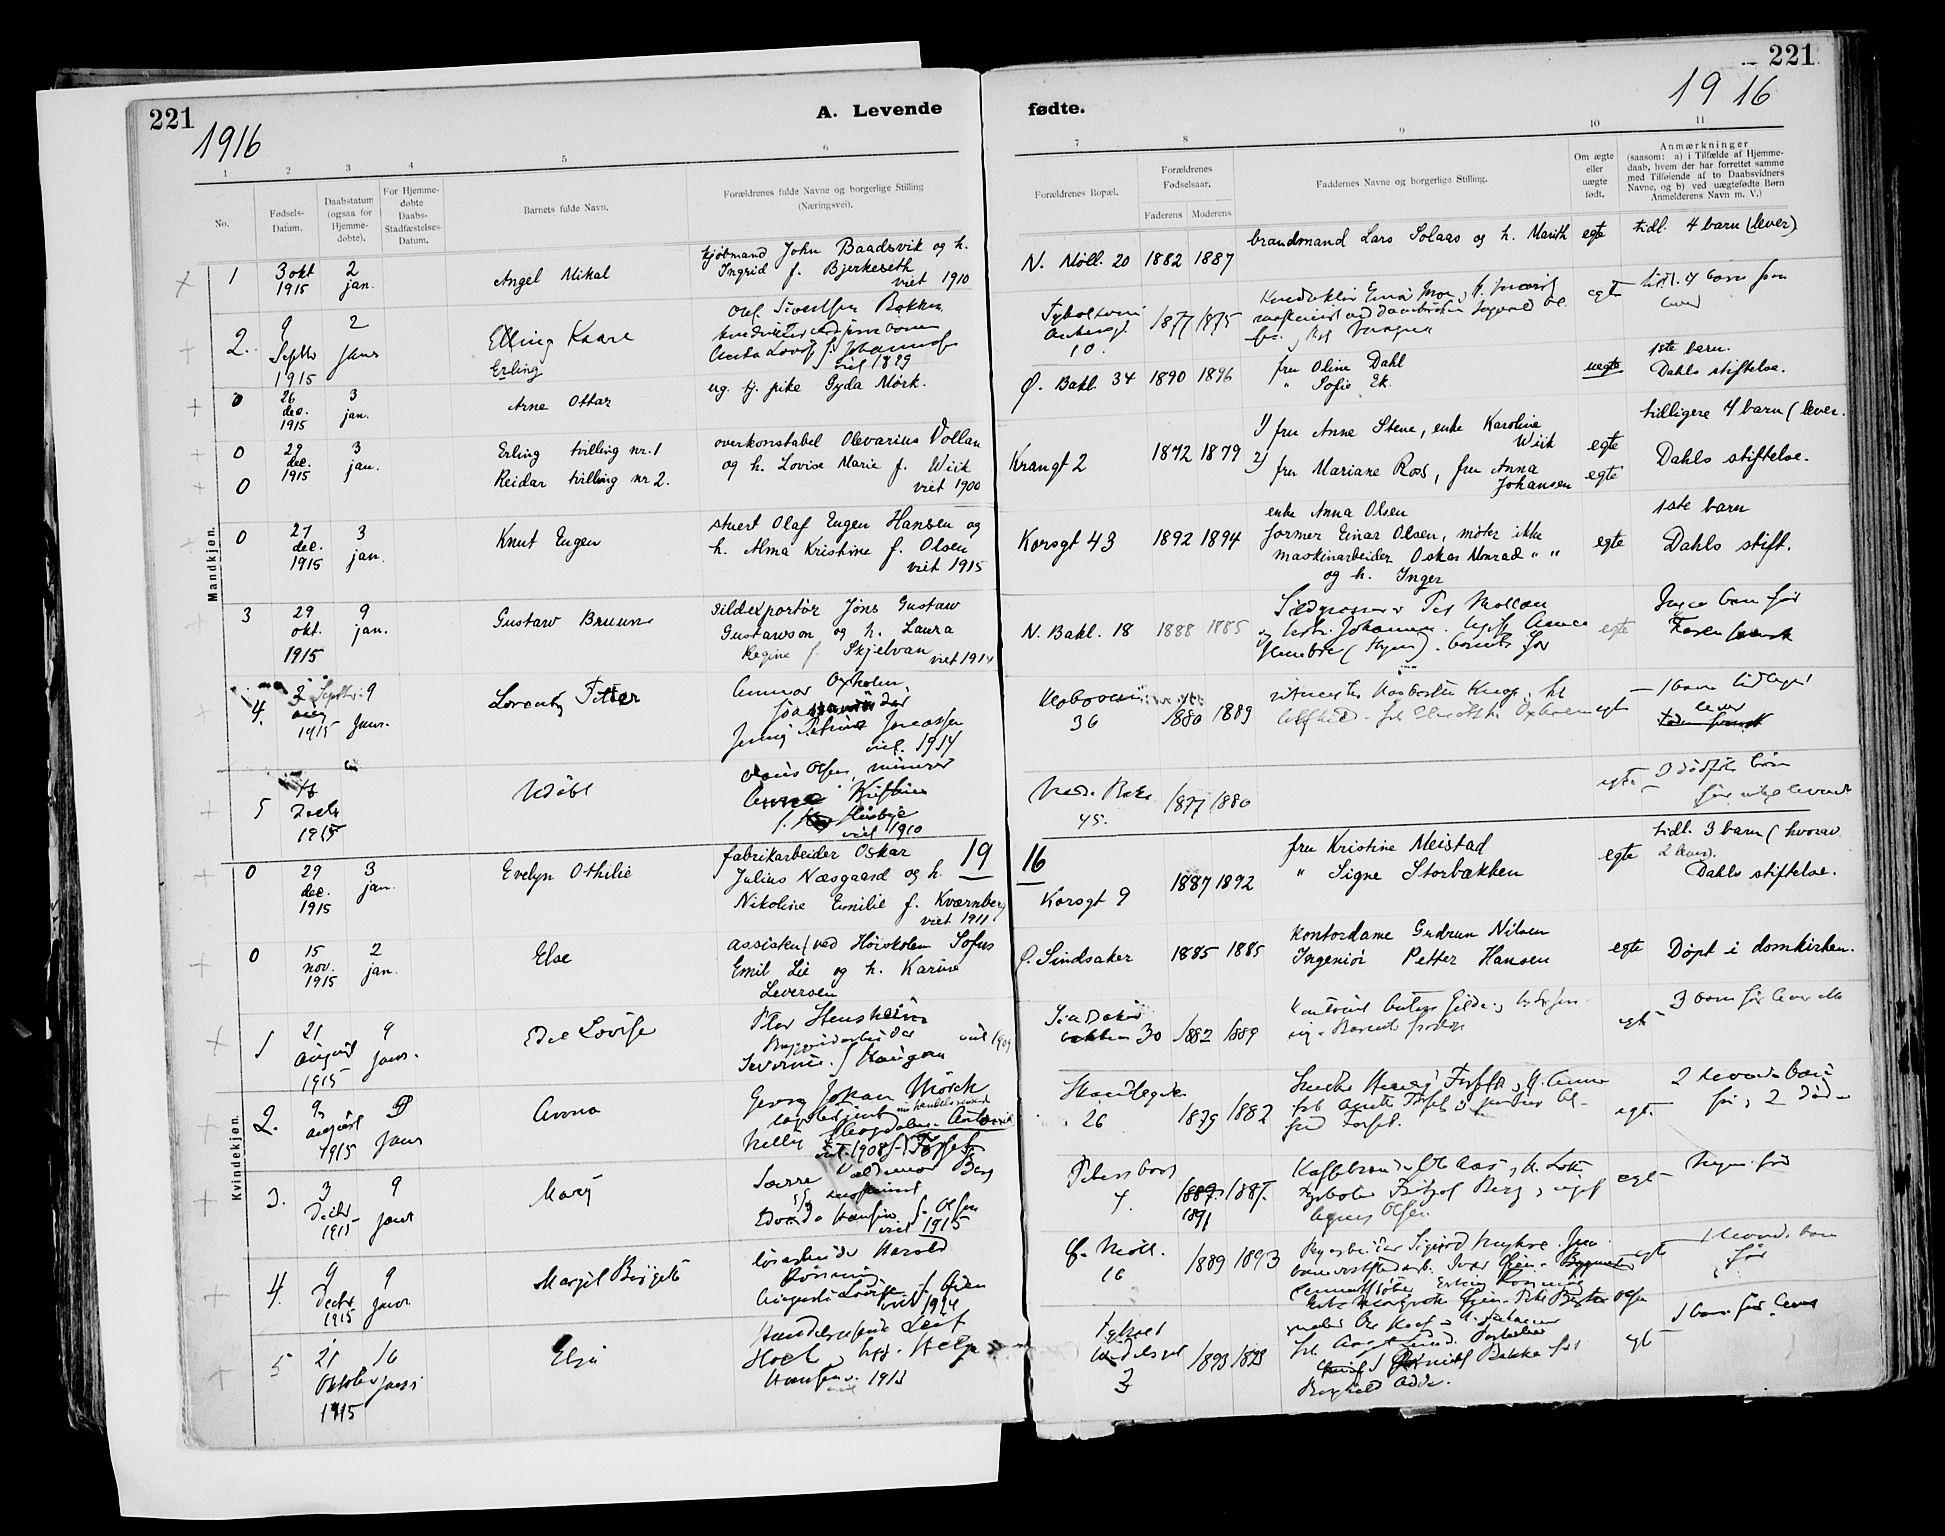 SAT, Ministerialprotokoller, klokkerbøker og fødselsregistre - Sør-Trøndelag, 604/L0203: Ministerialbok nr. 604A23, 1908-1916, s. 221